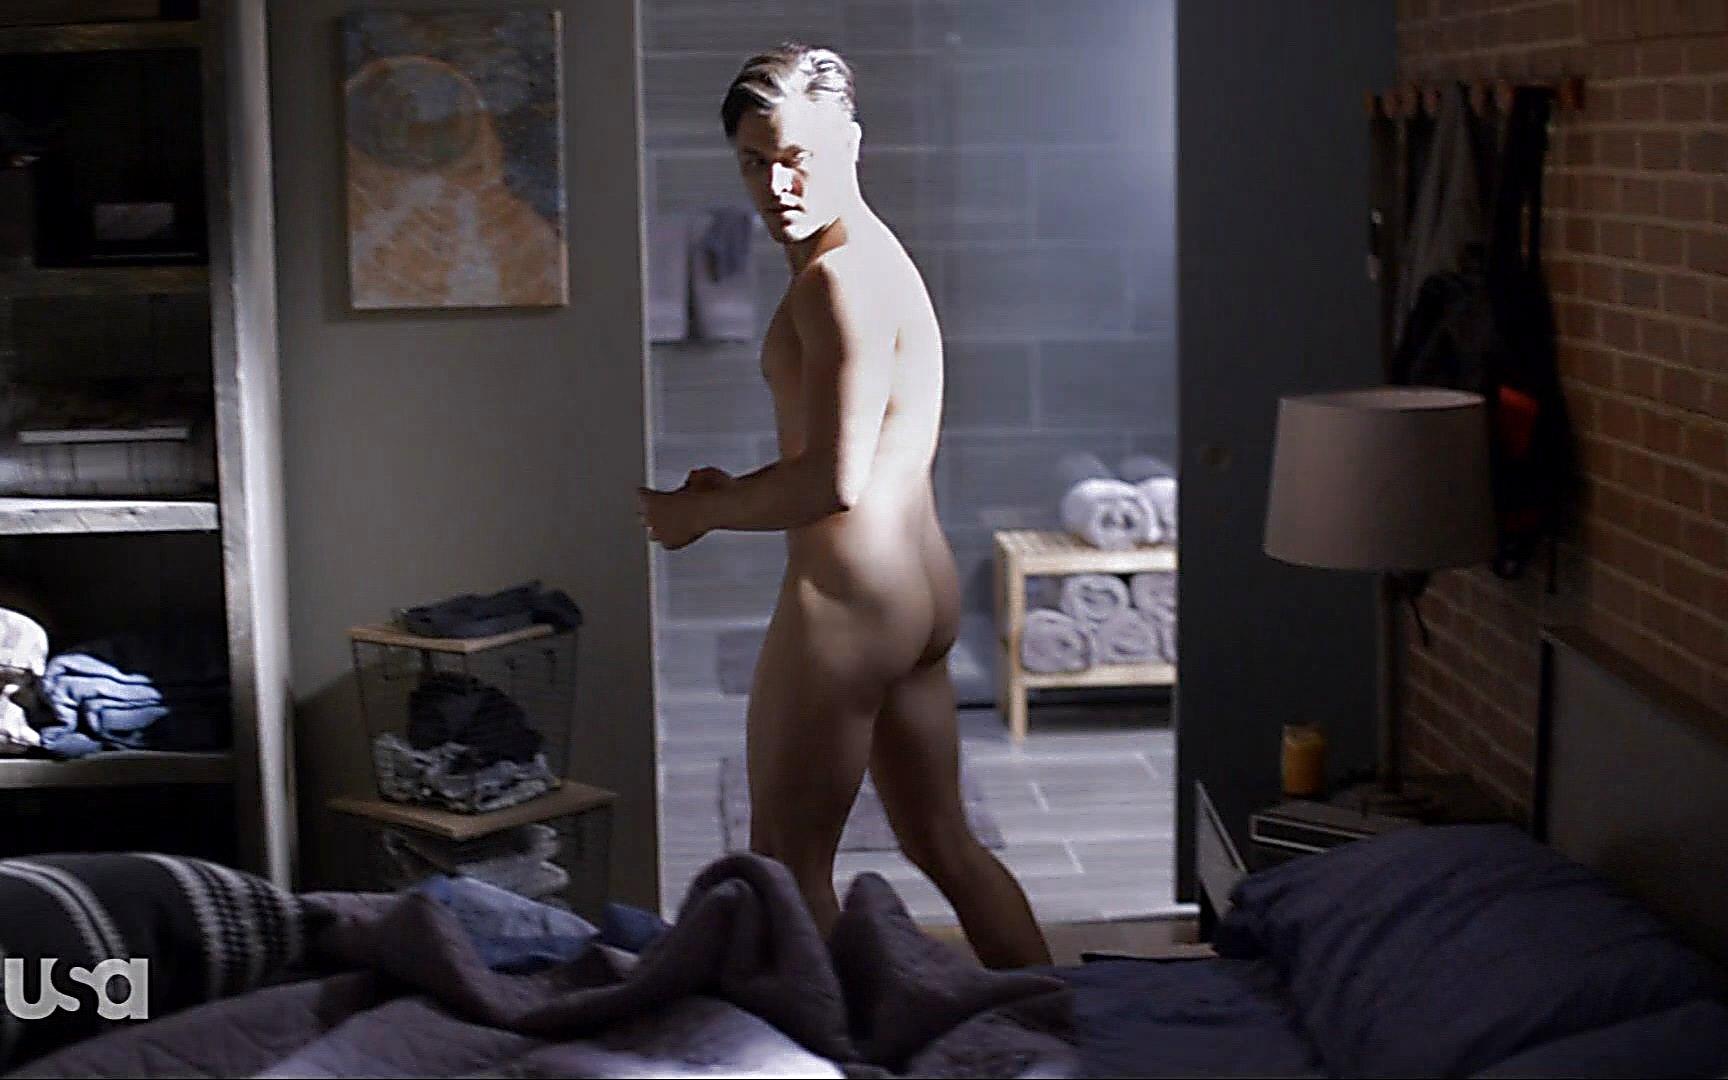 Matt Passmore sexy shirtless scene October 18, 2015, 6pm